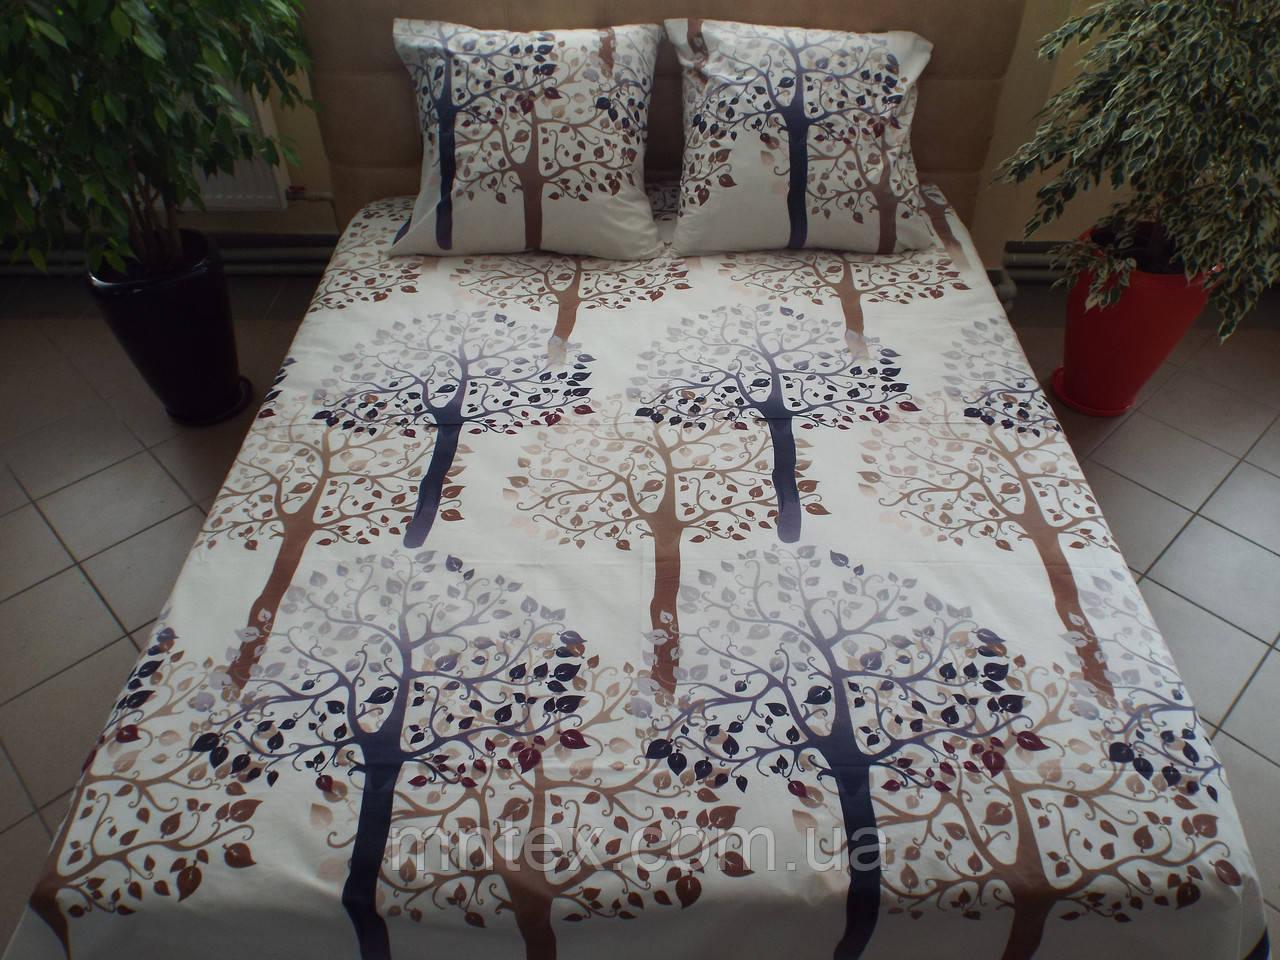 Комплект постельного белья ранфорс Сказочный лес